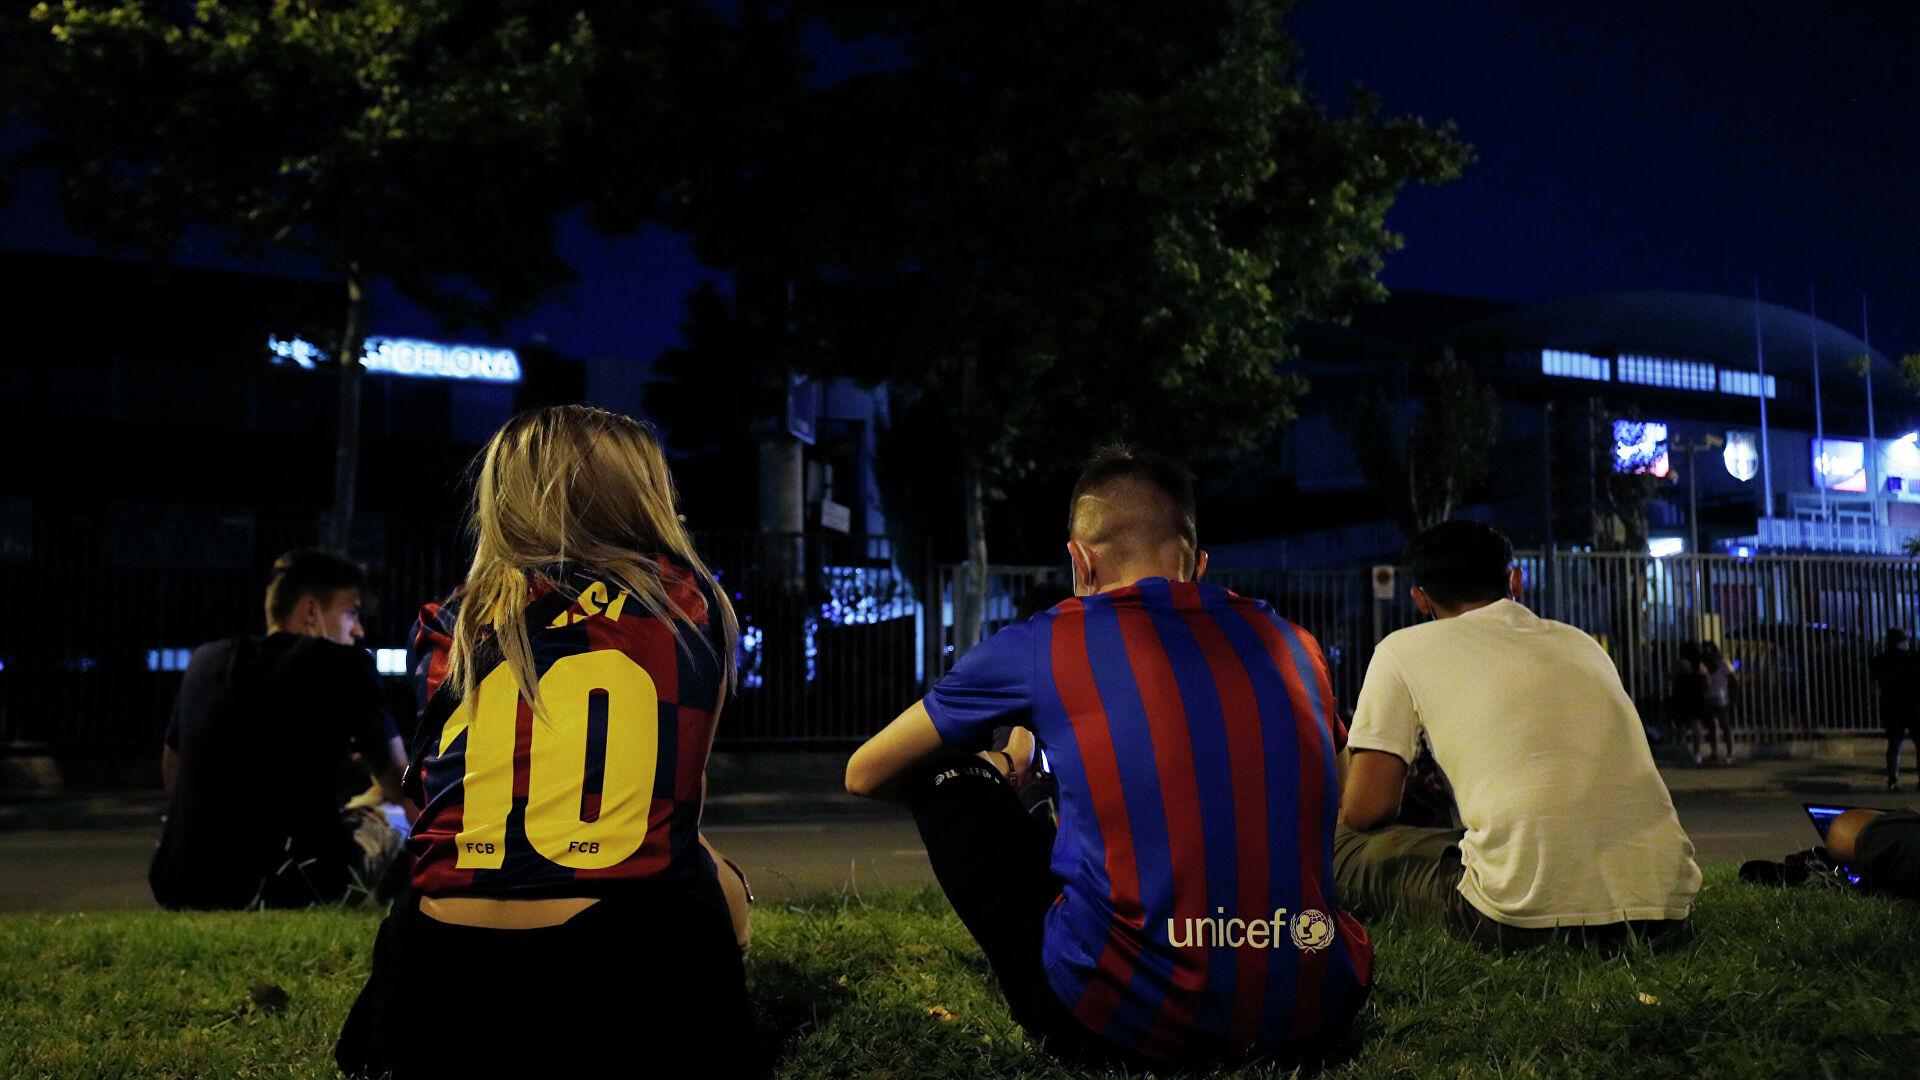 Барселона, Ла Лига, Лионель Месси, Жозеп Бартомеу, Жоан Лапорта, Серхио Агуэро